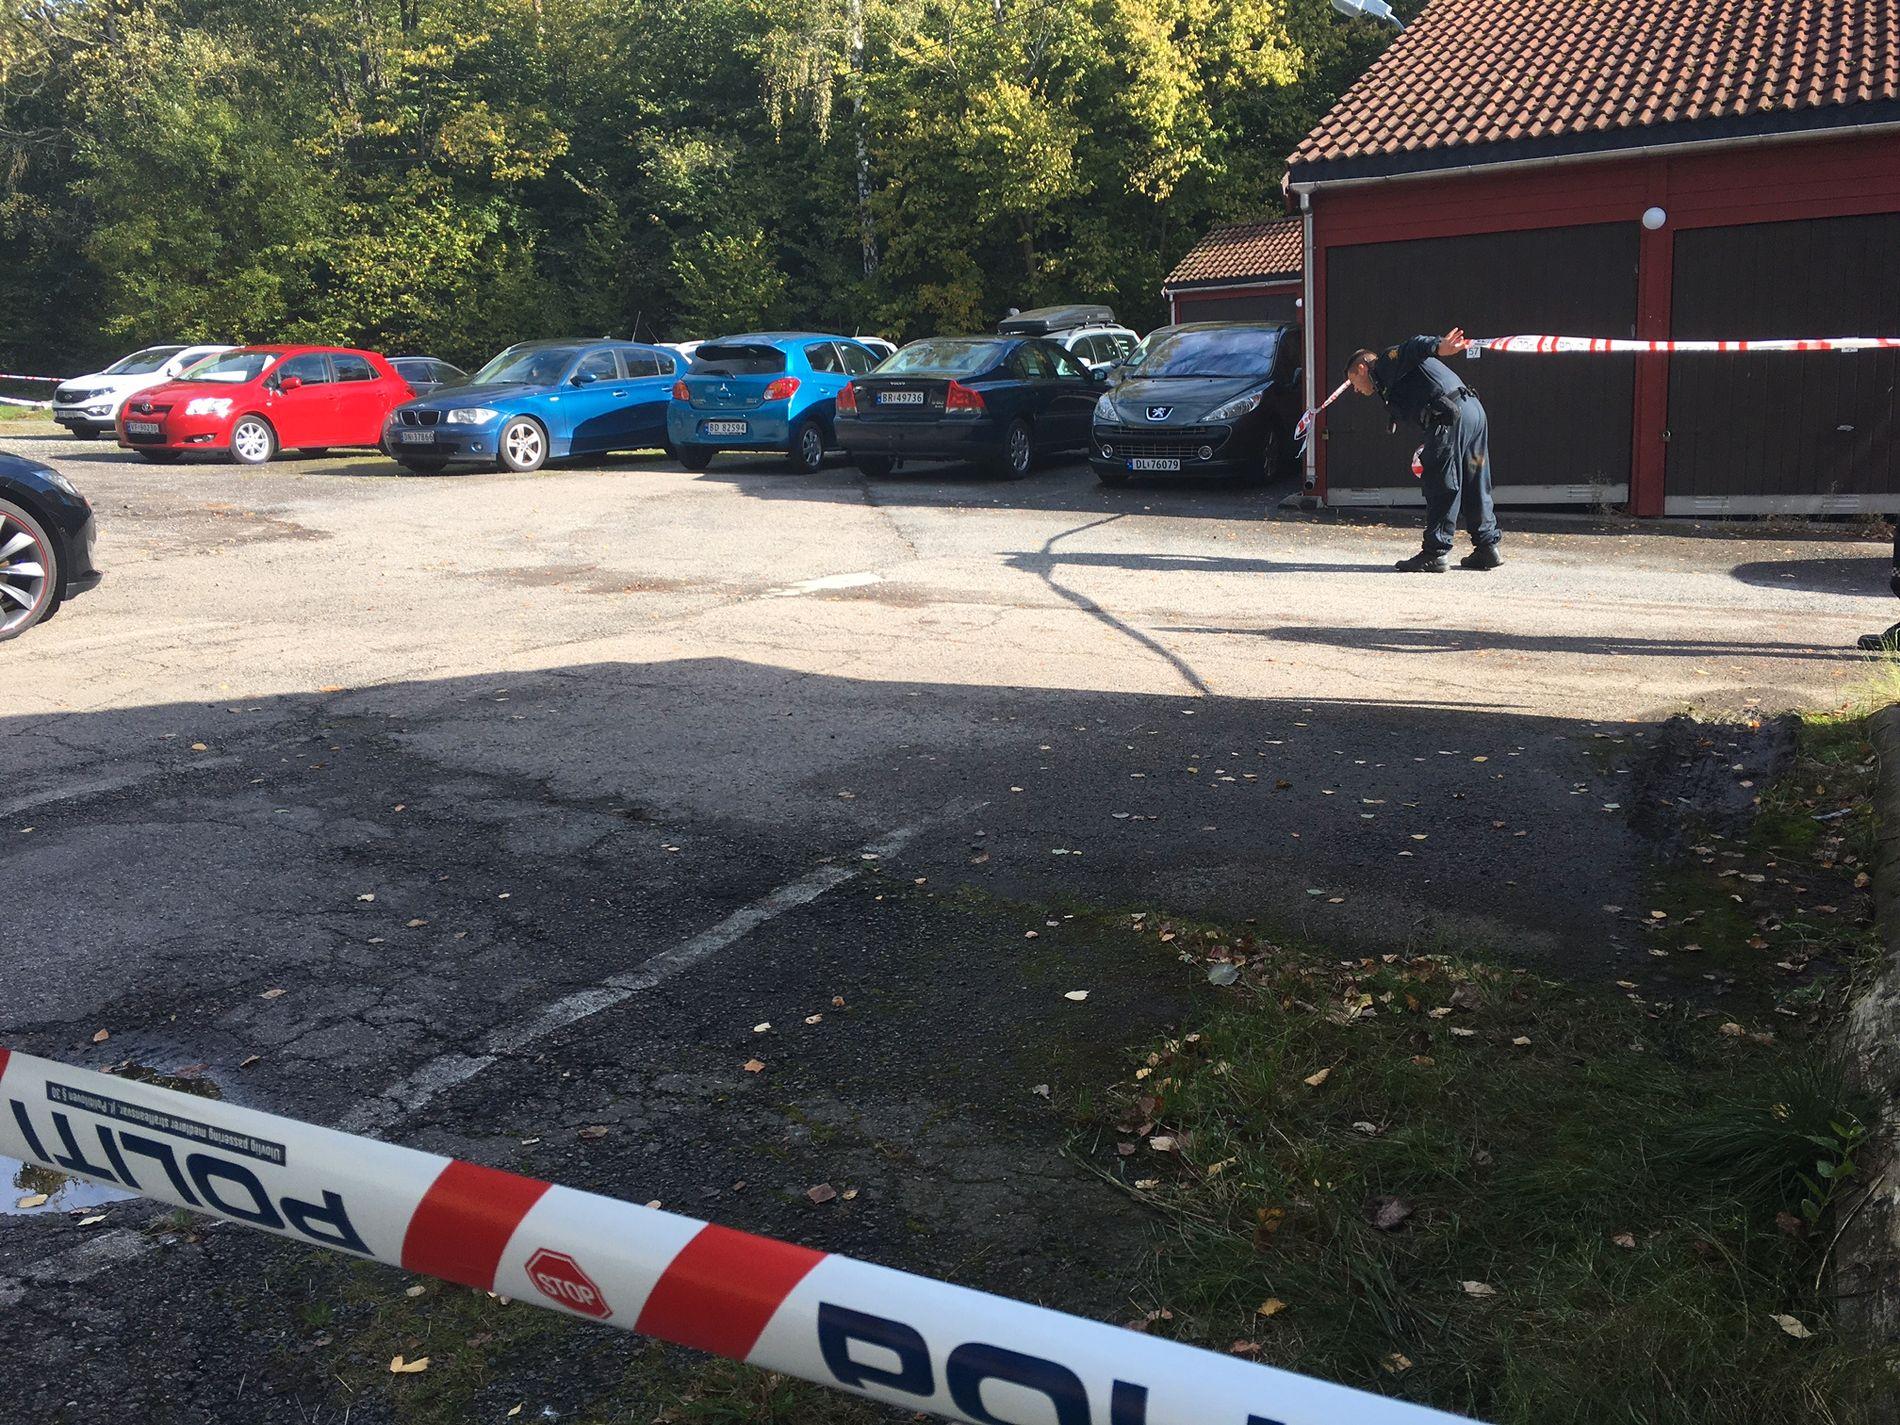 SPORLØST BORTE: Det er satt opp sperrebånd på stedet hvor et vitne så en mulig kidnapping i Herregårdsveien i Oslo. Der leter politiet etter tekniske spor i håp om å finne ut hvem det var som ble dyttet inn i bilen.